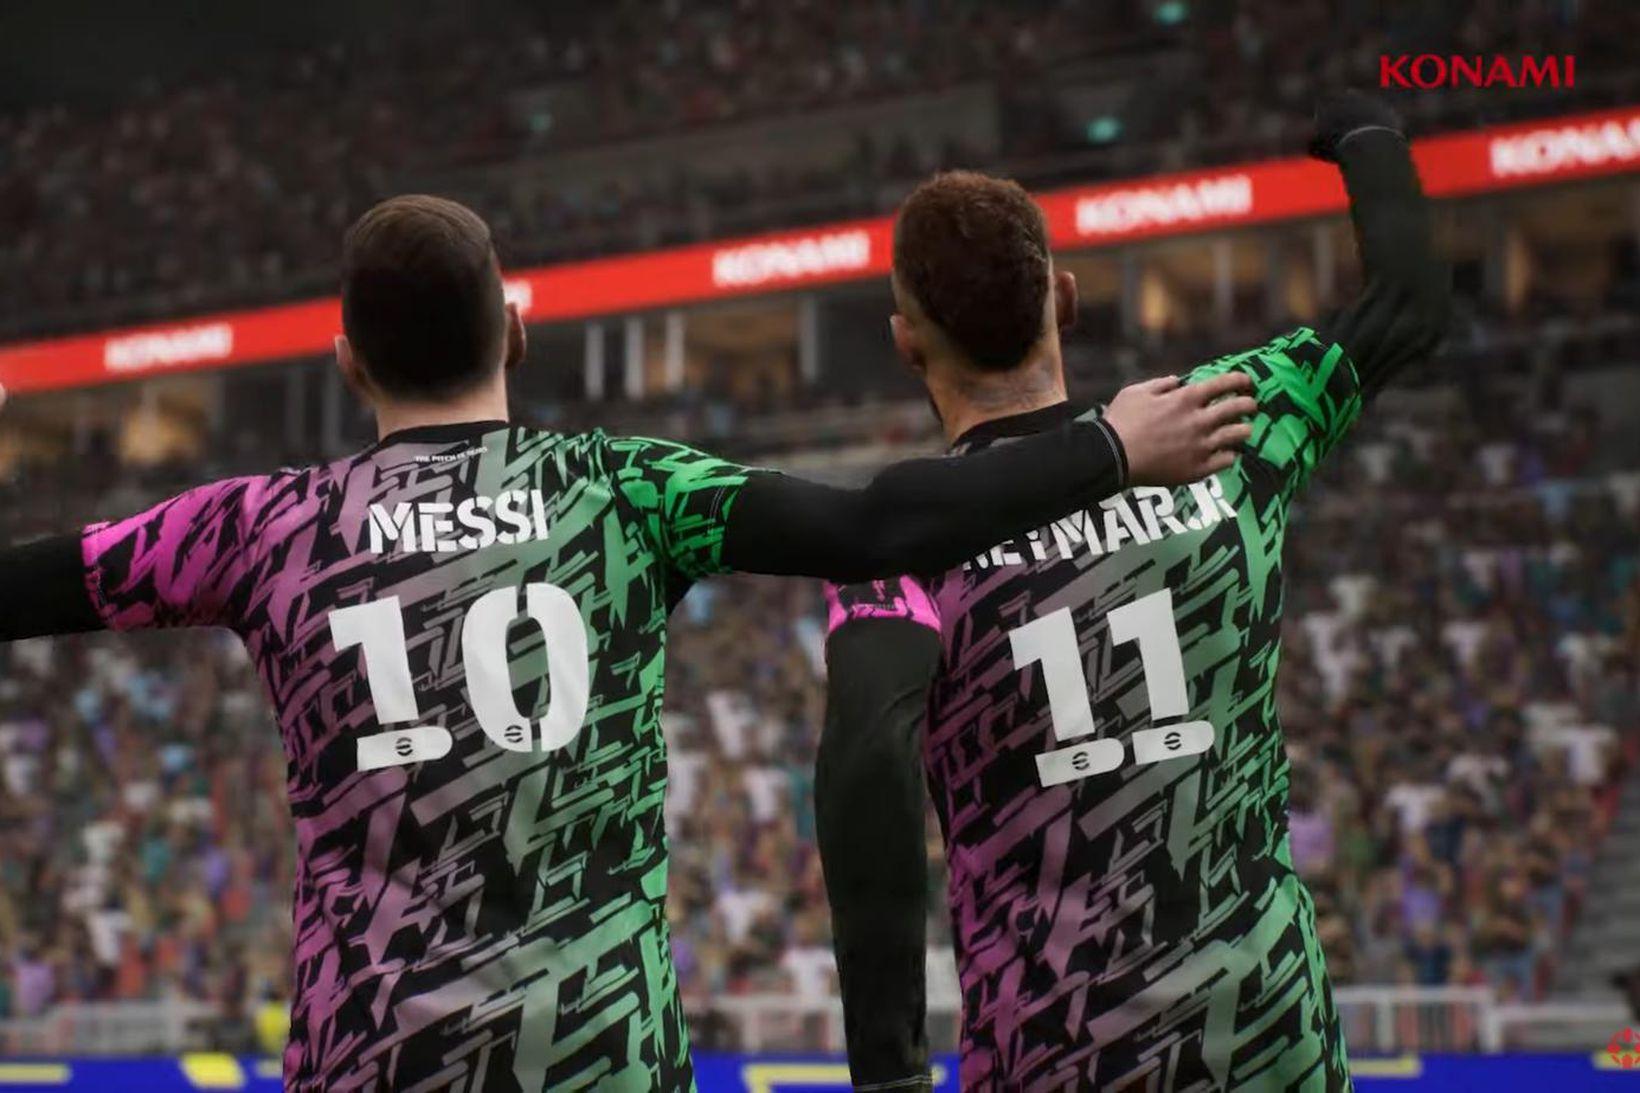 Messi og Neymar Jr. í leiknum eFootball.